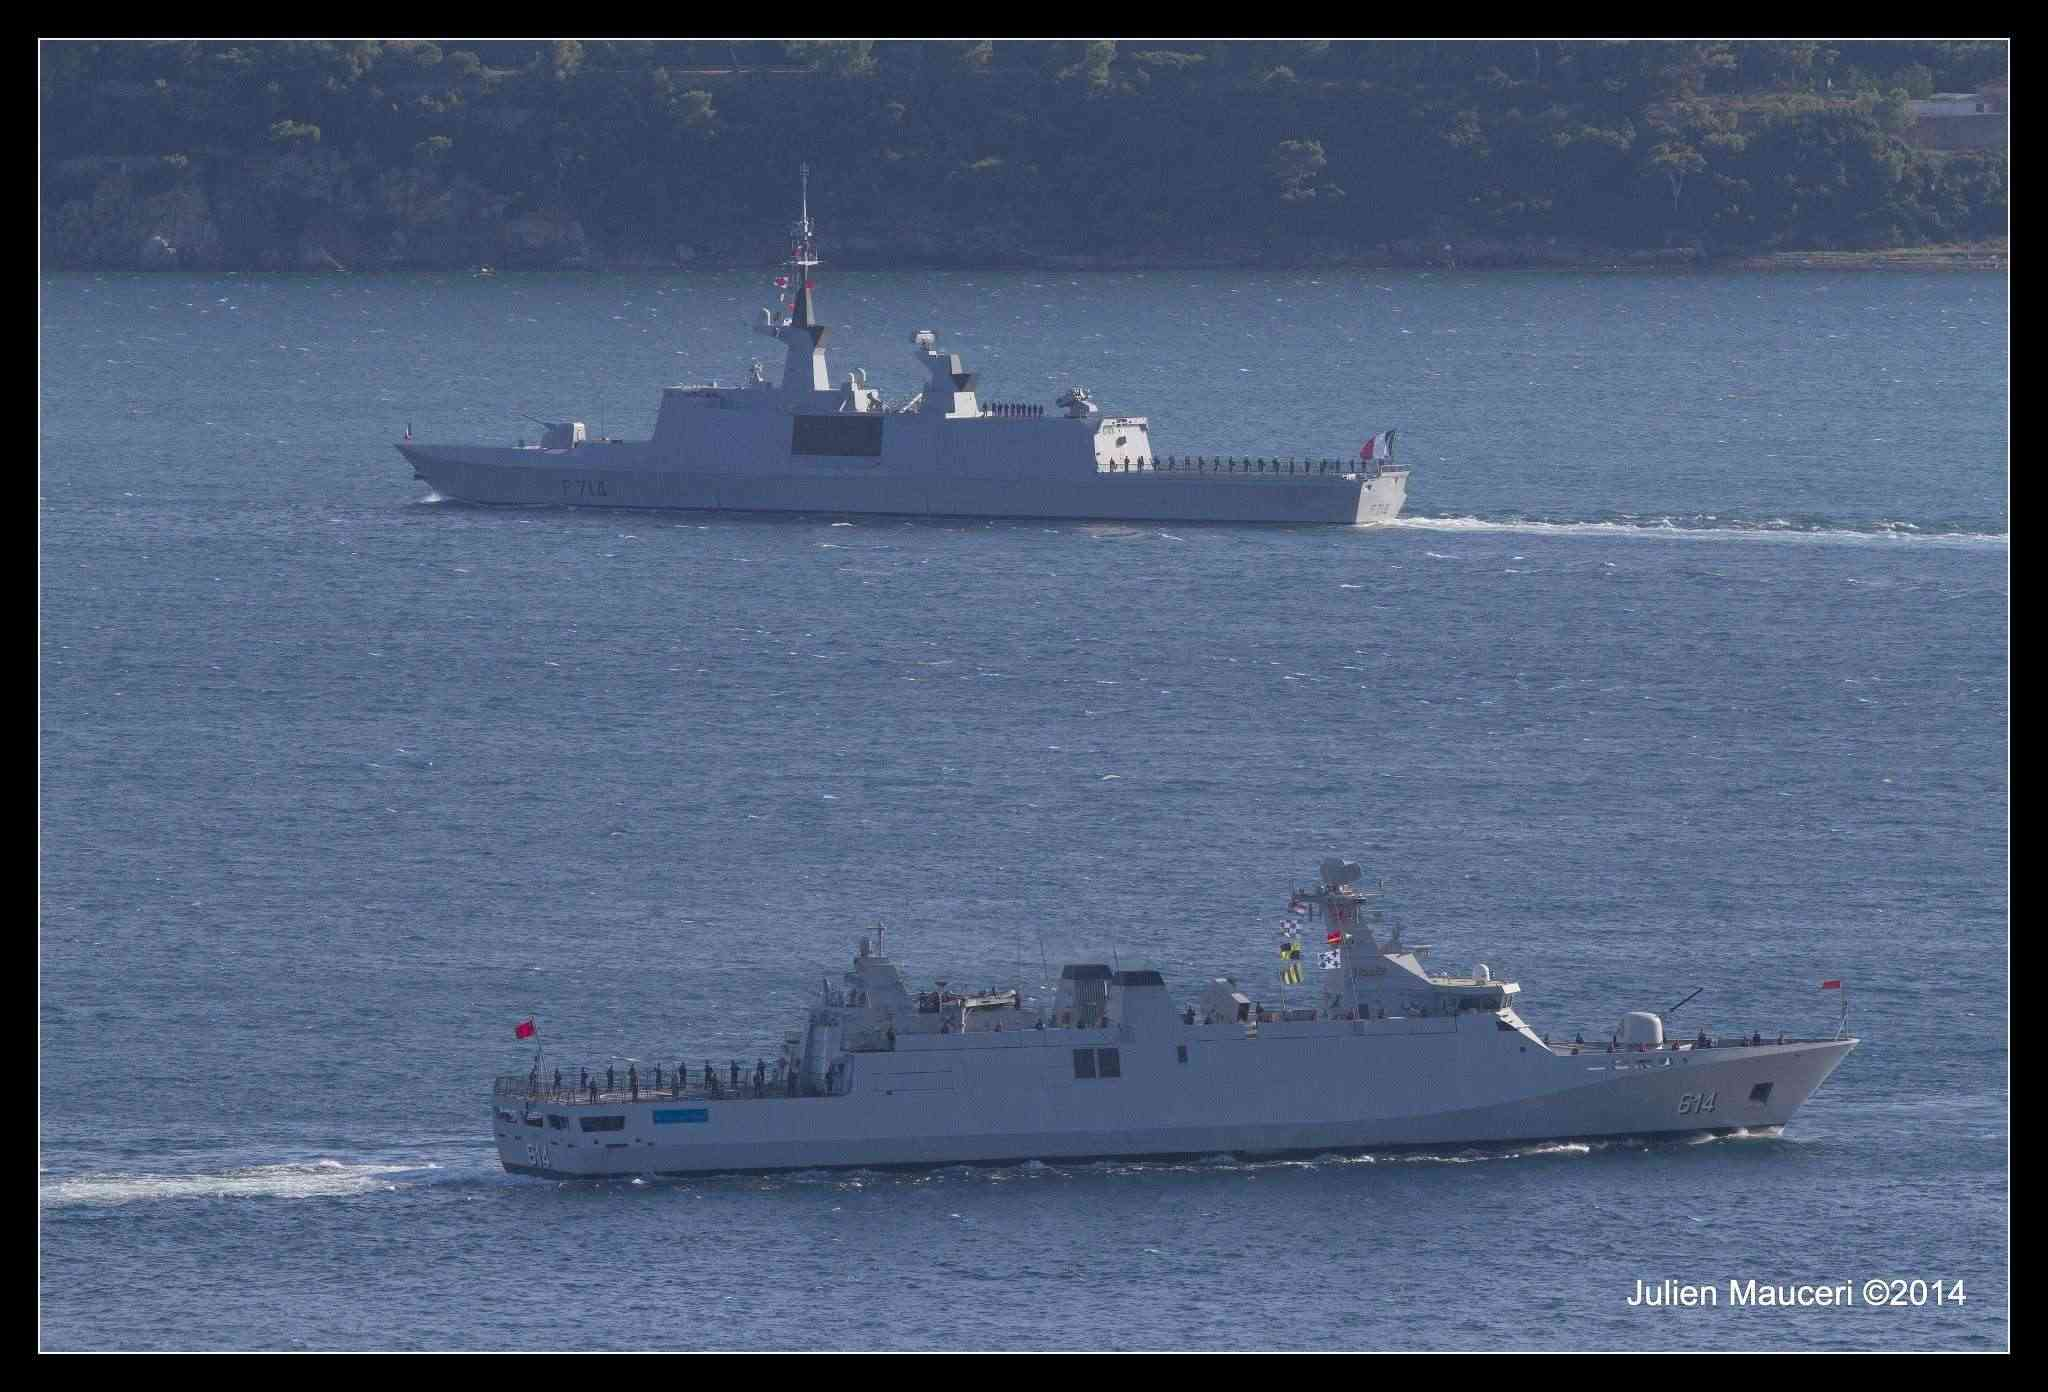 La Marine Royale à la revue navale de Toulon - 15 août 2014 10497311